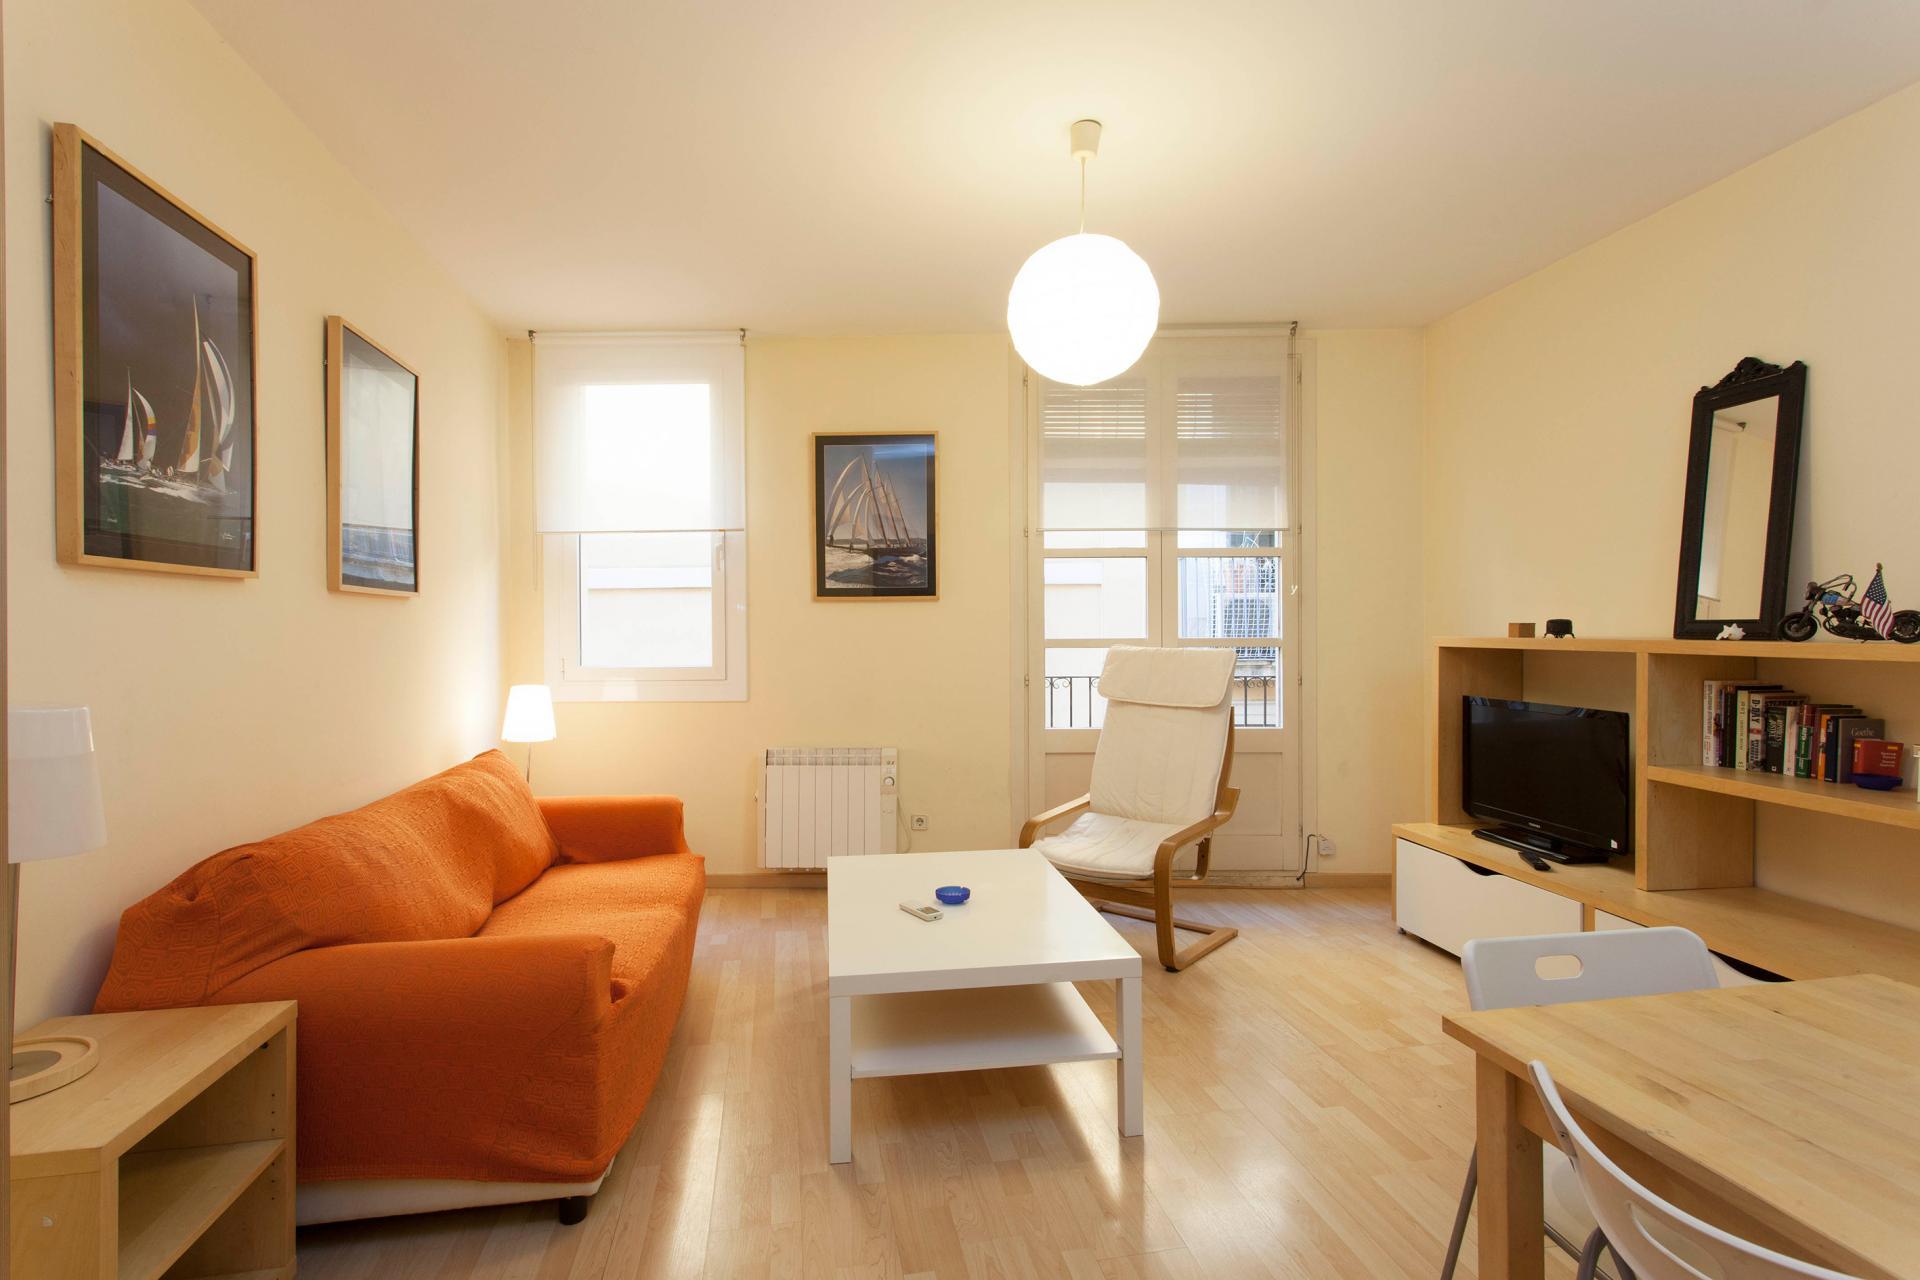 appartement louer barcelona ciutat vella assaonadors princesa. Black Bedroom Furniture Sets. Home Design Ideas